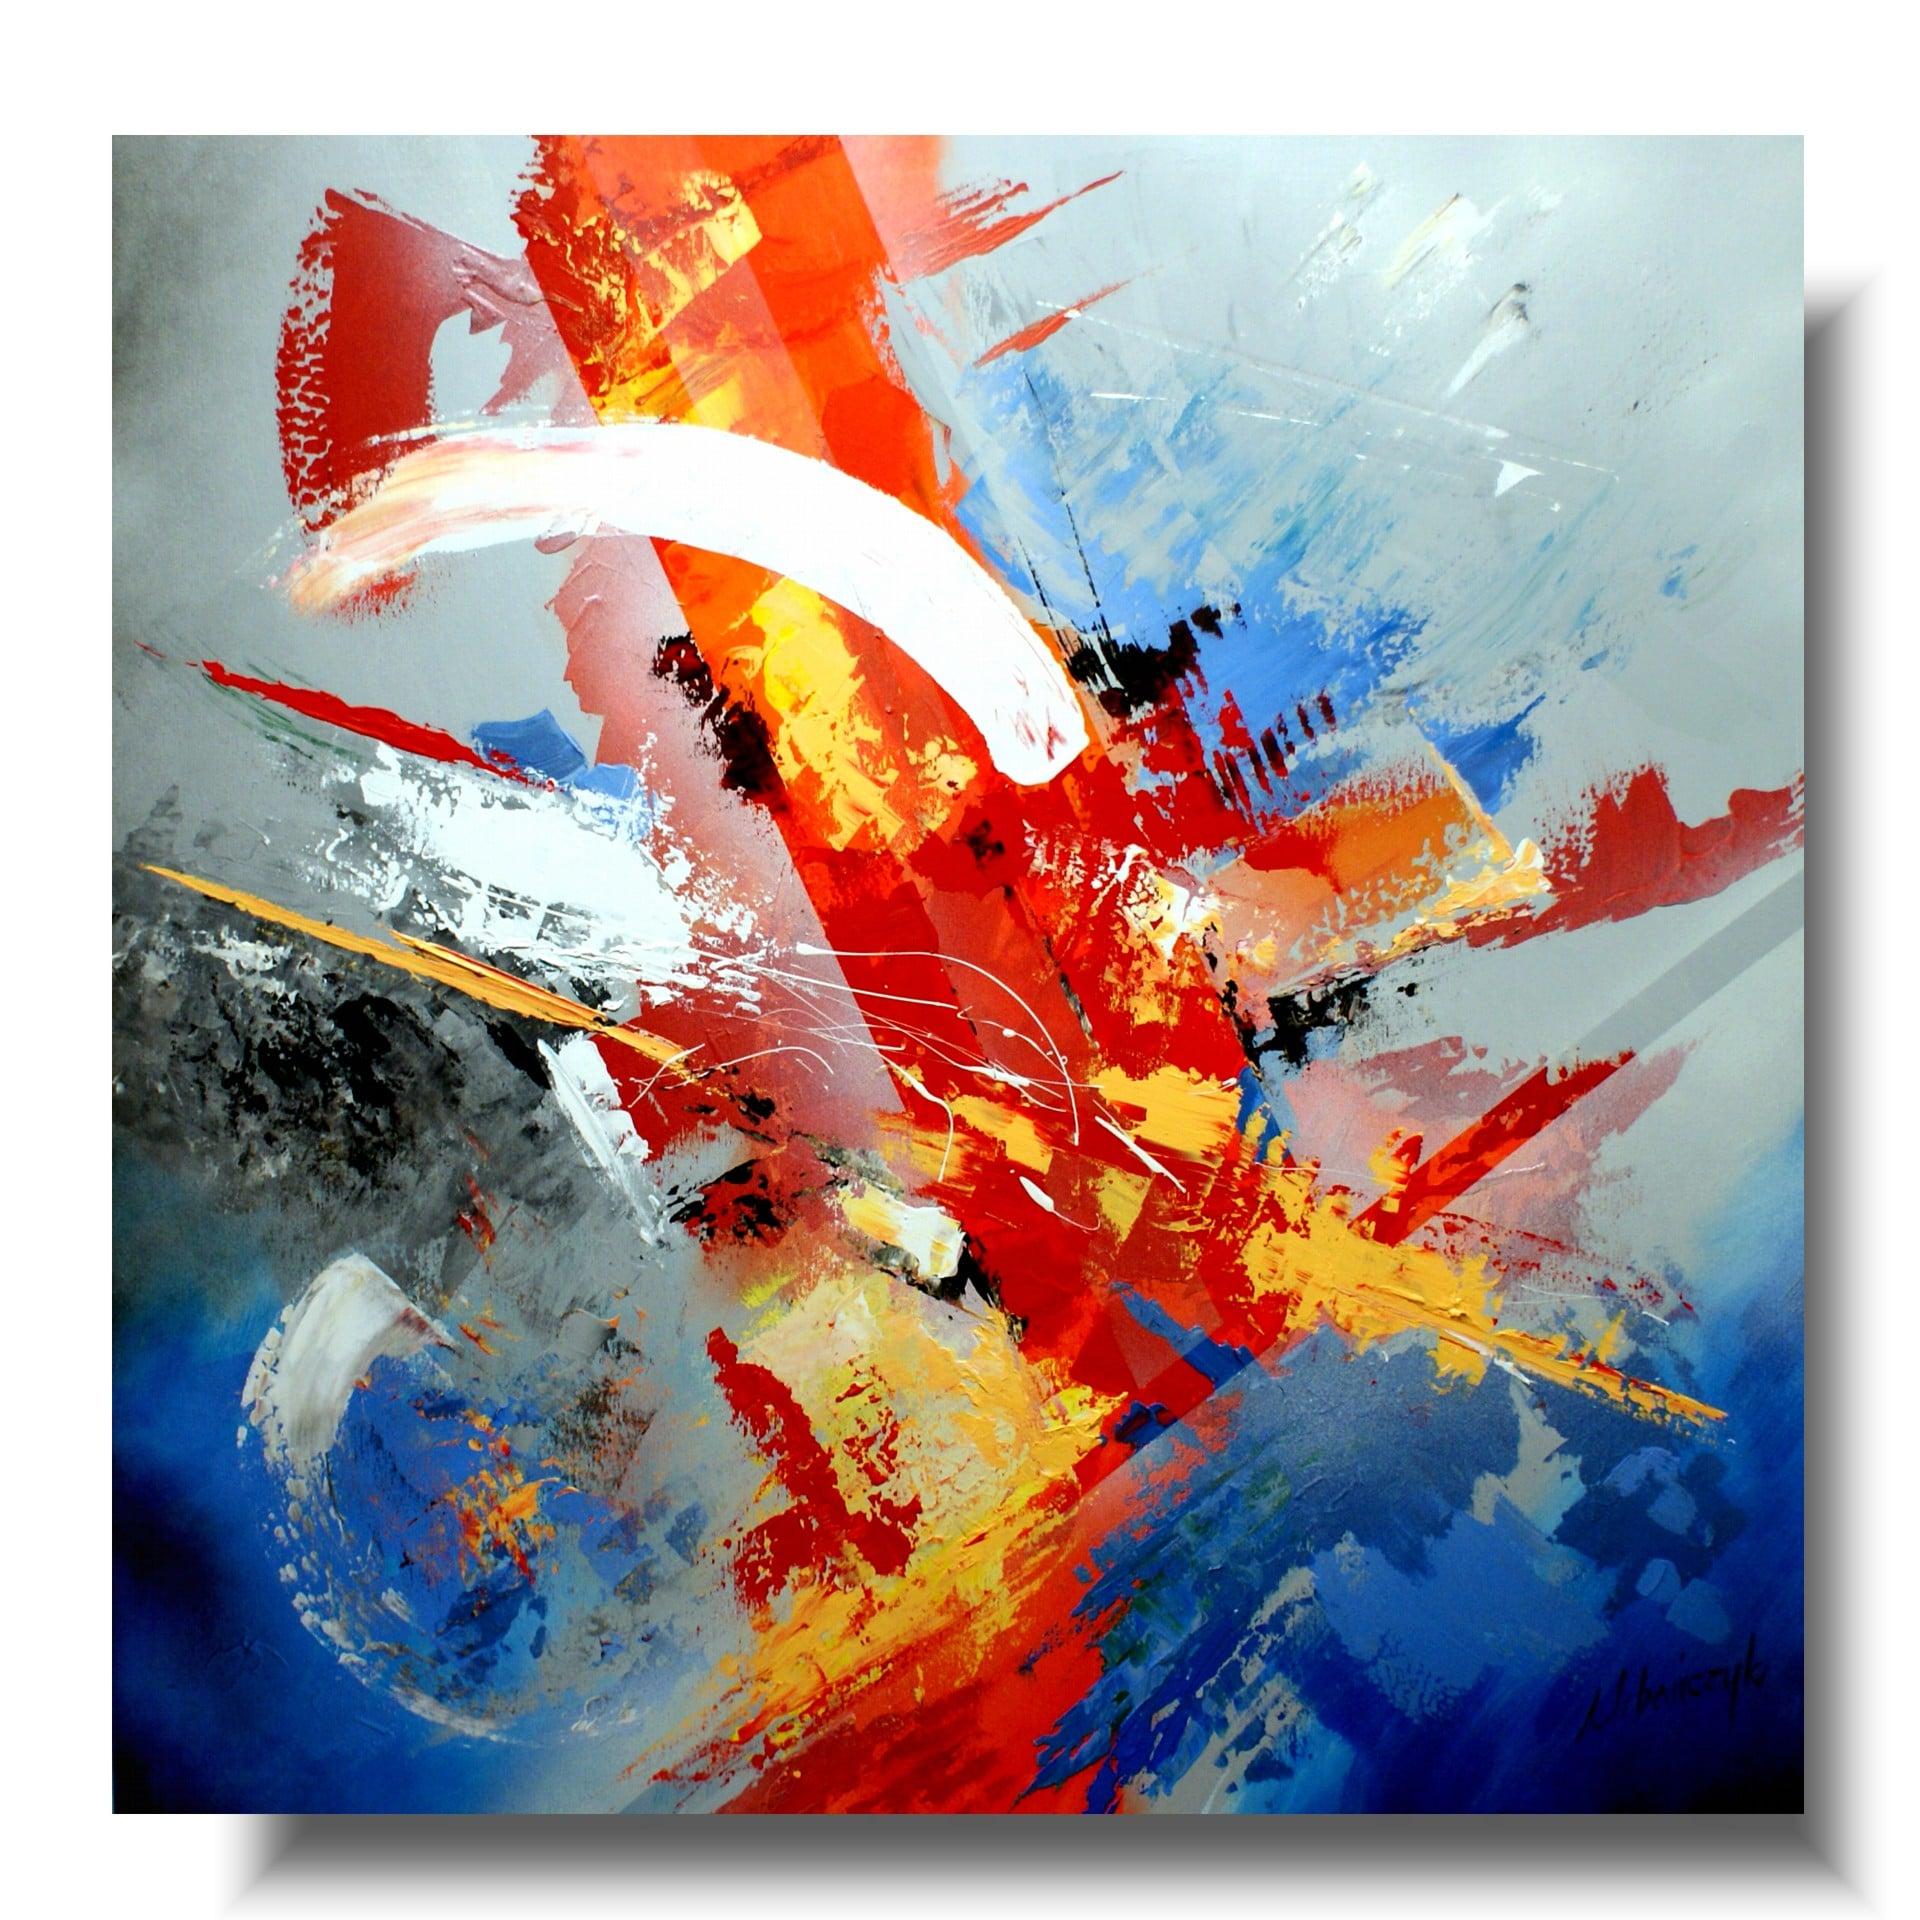 abstrakcja duży obraz wolność